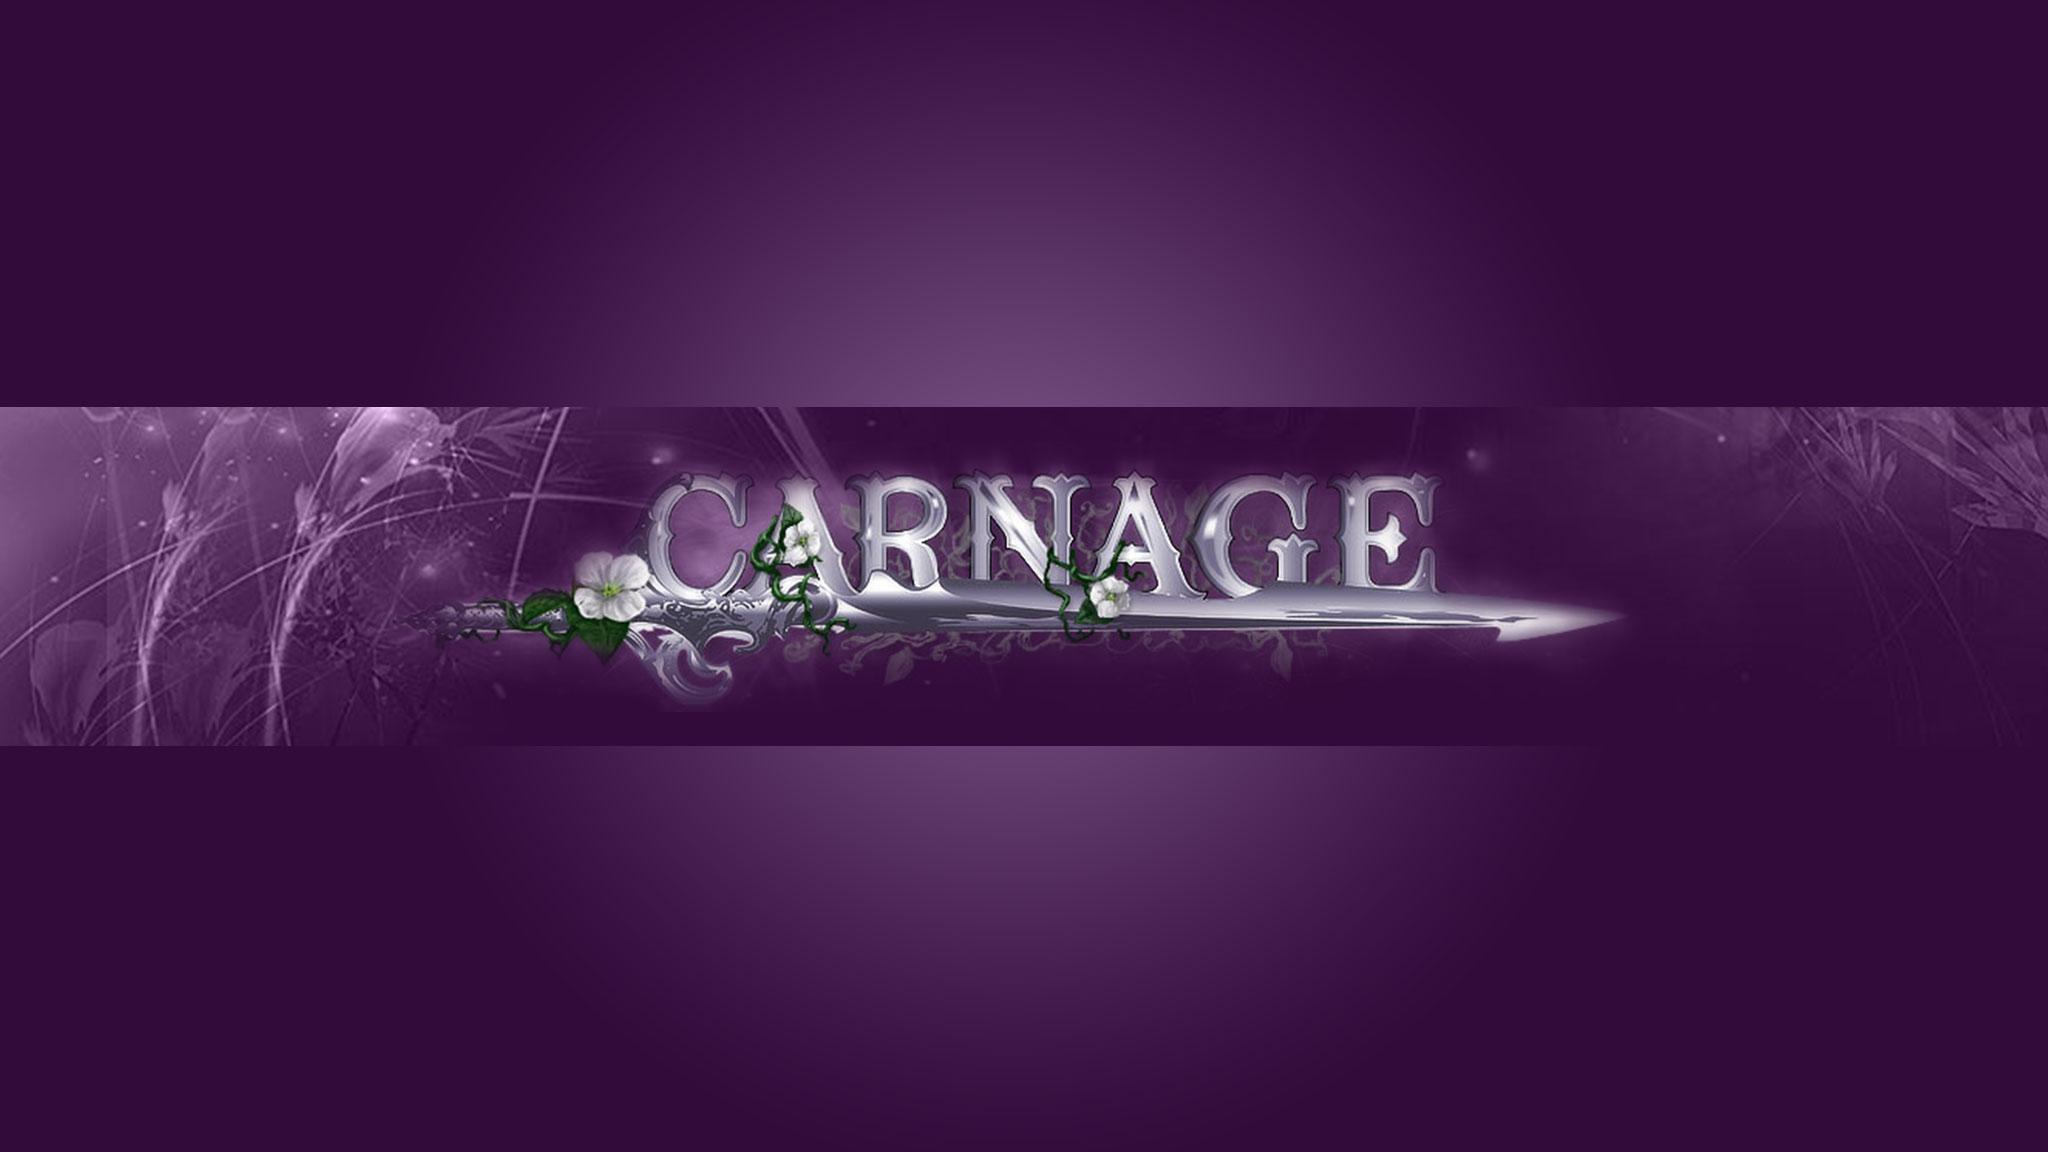 Картинка фиолетовая обложка для ютуб канала 2048 1152 с названием игры Carnage.